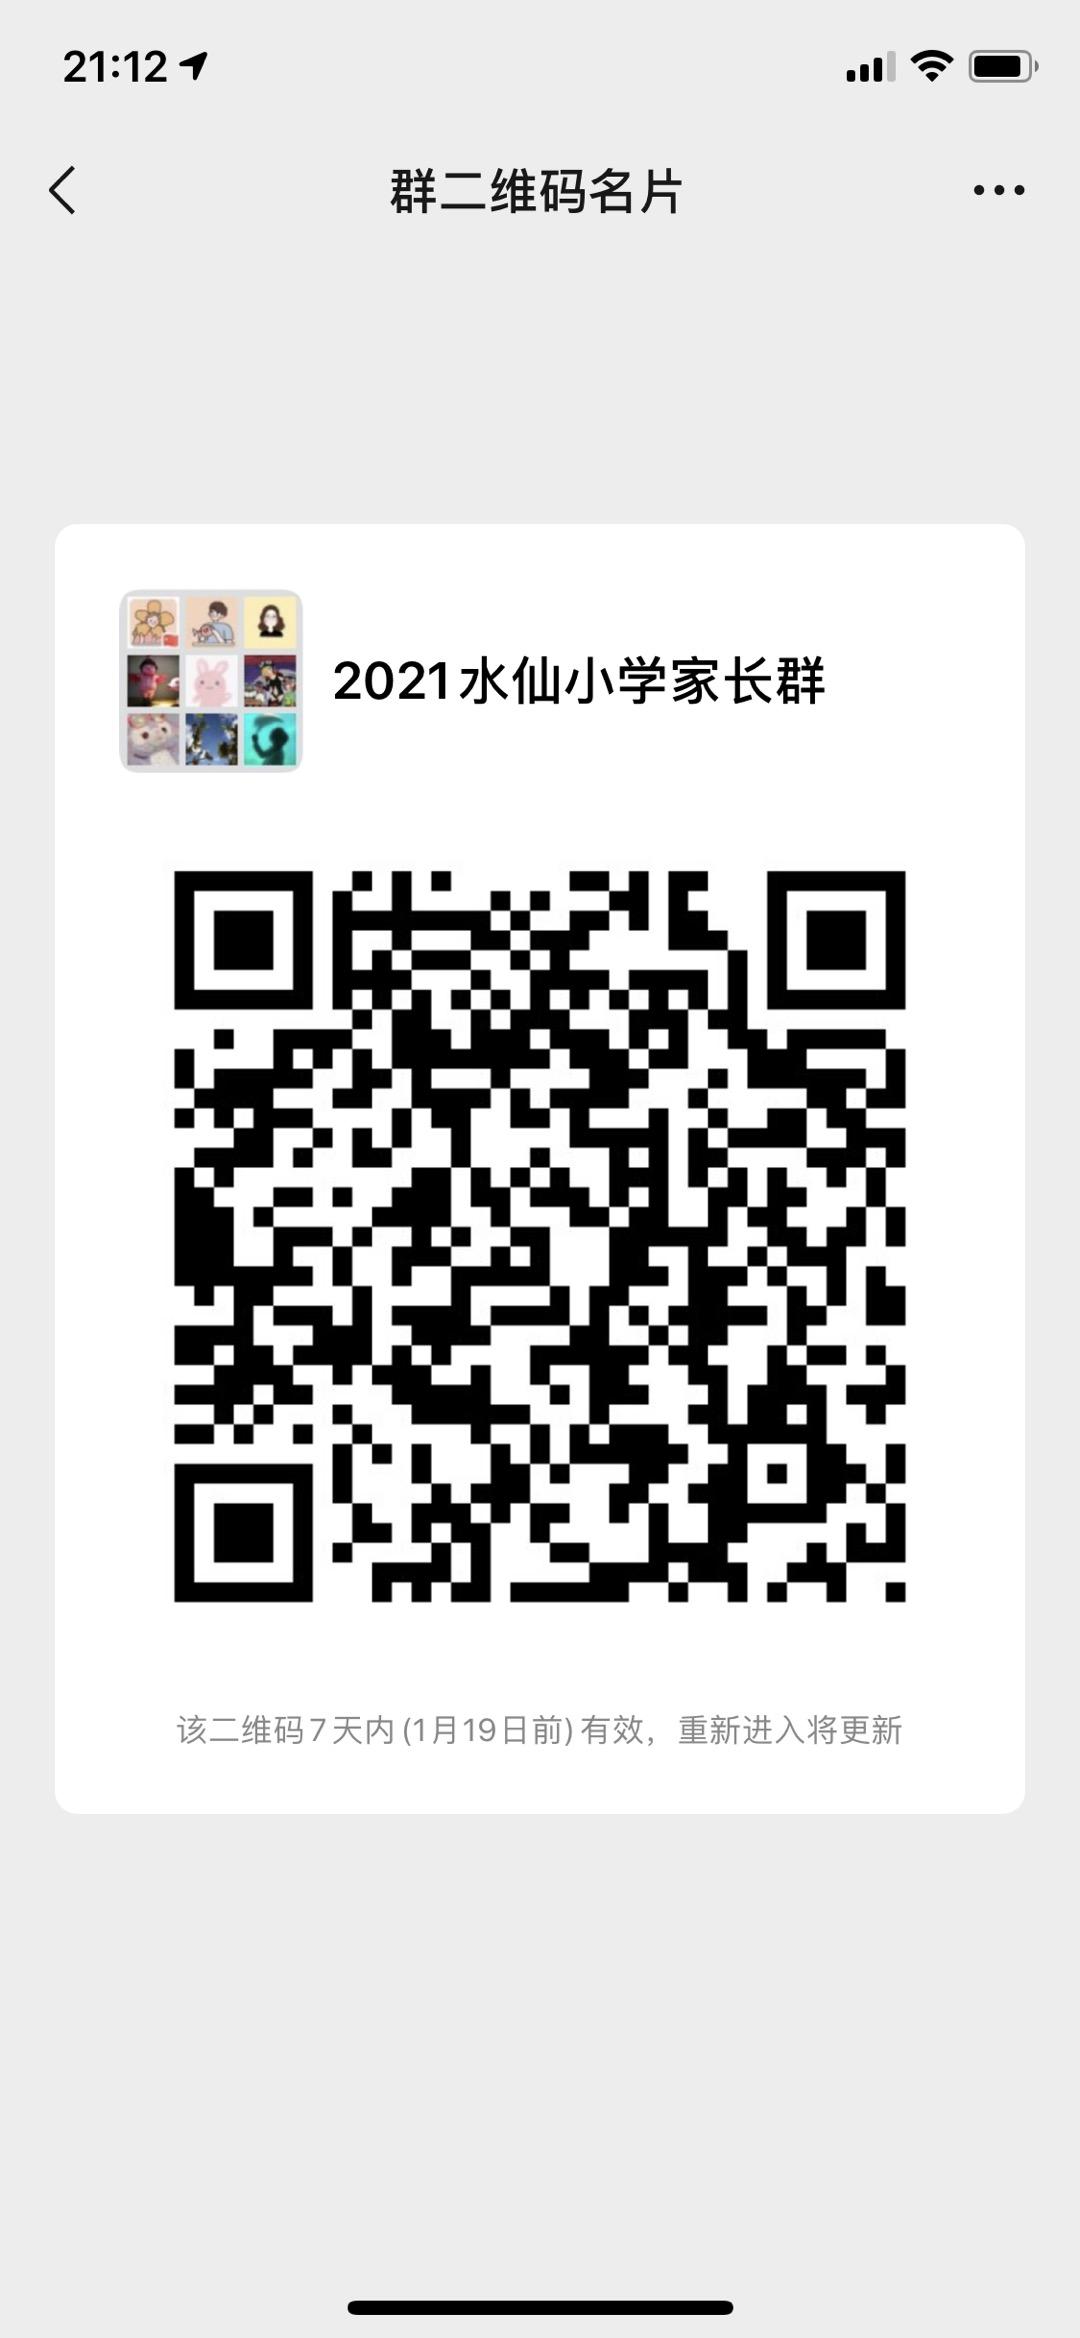 9988C10E-F85C-40CB-9554-DB19BBFA7FB0.jpg